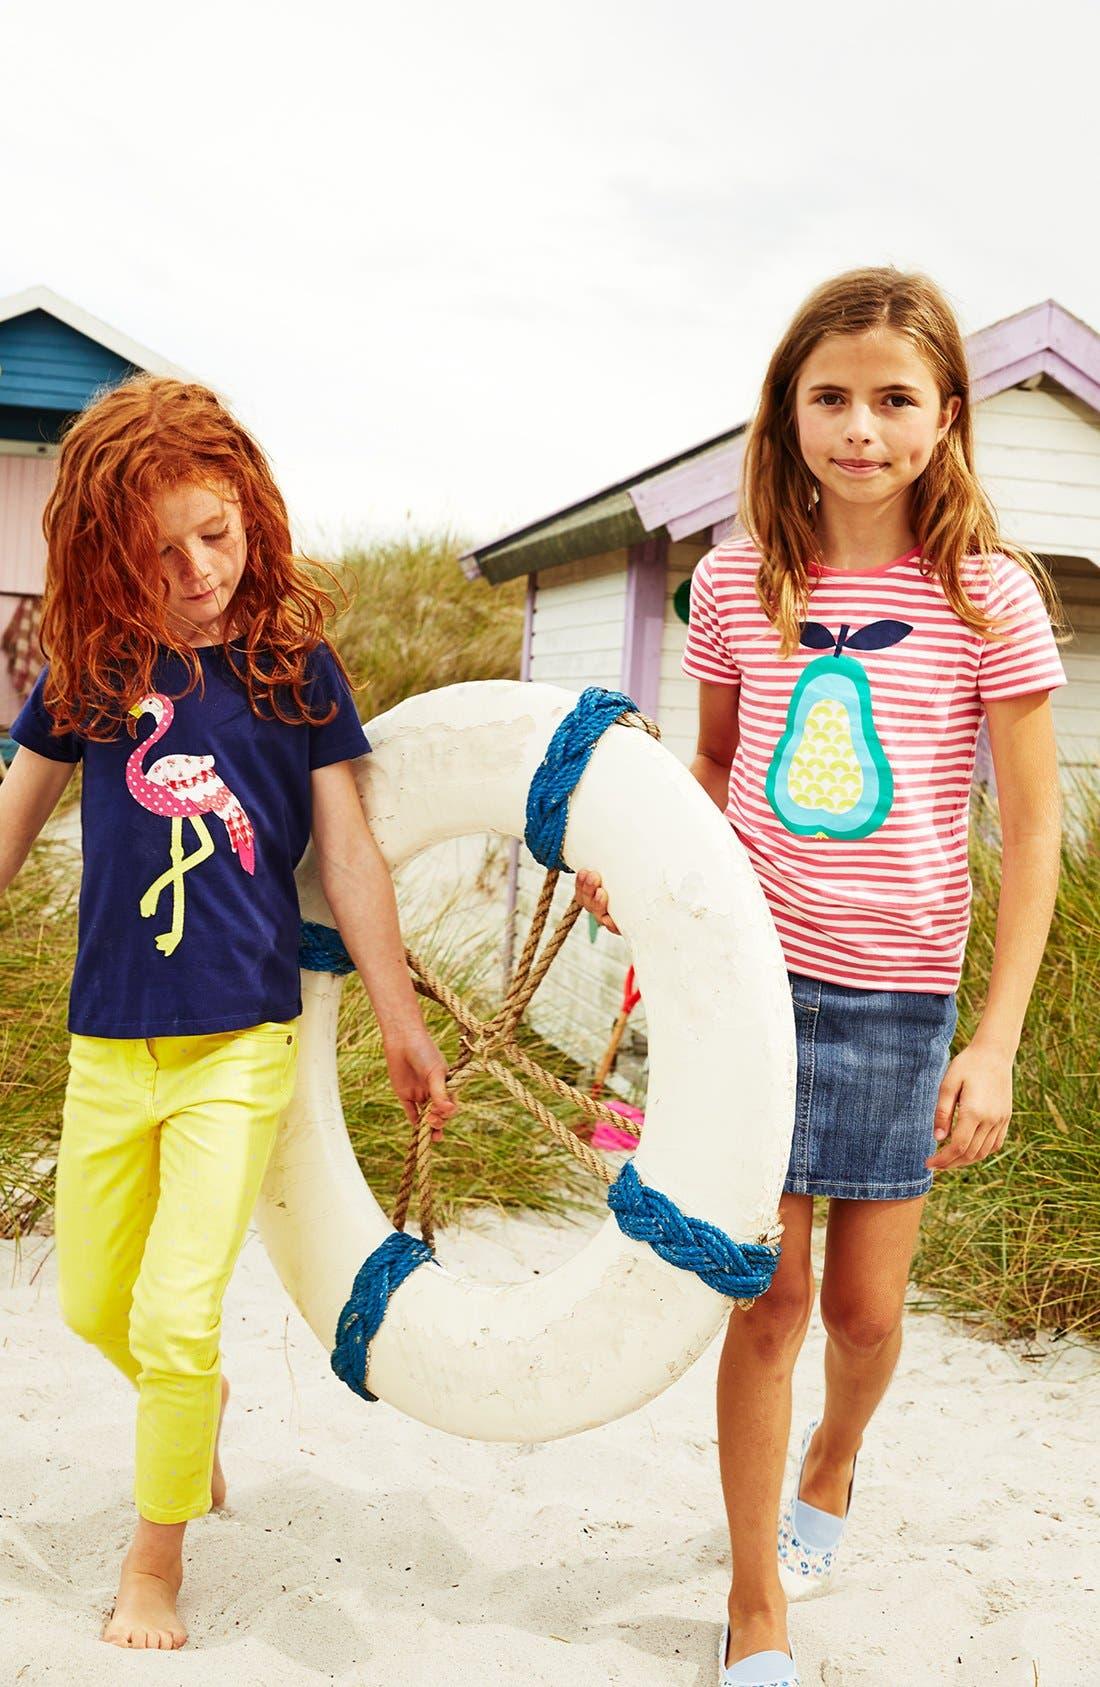 Alternate Image 3  - Mini Boden 'Retro' Print Tee (Toddler Girls, Little Girls & Big Girls)(Online Only)